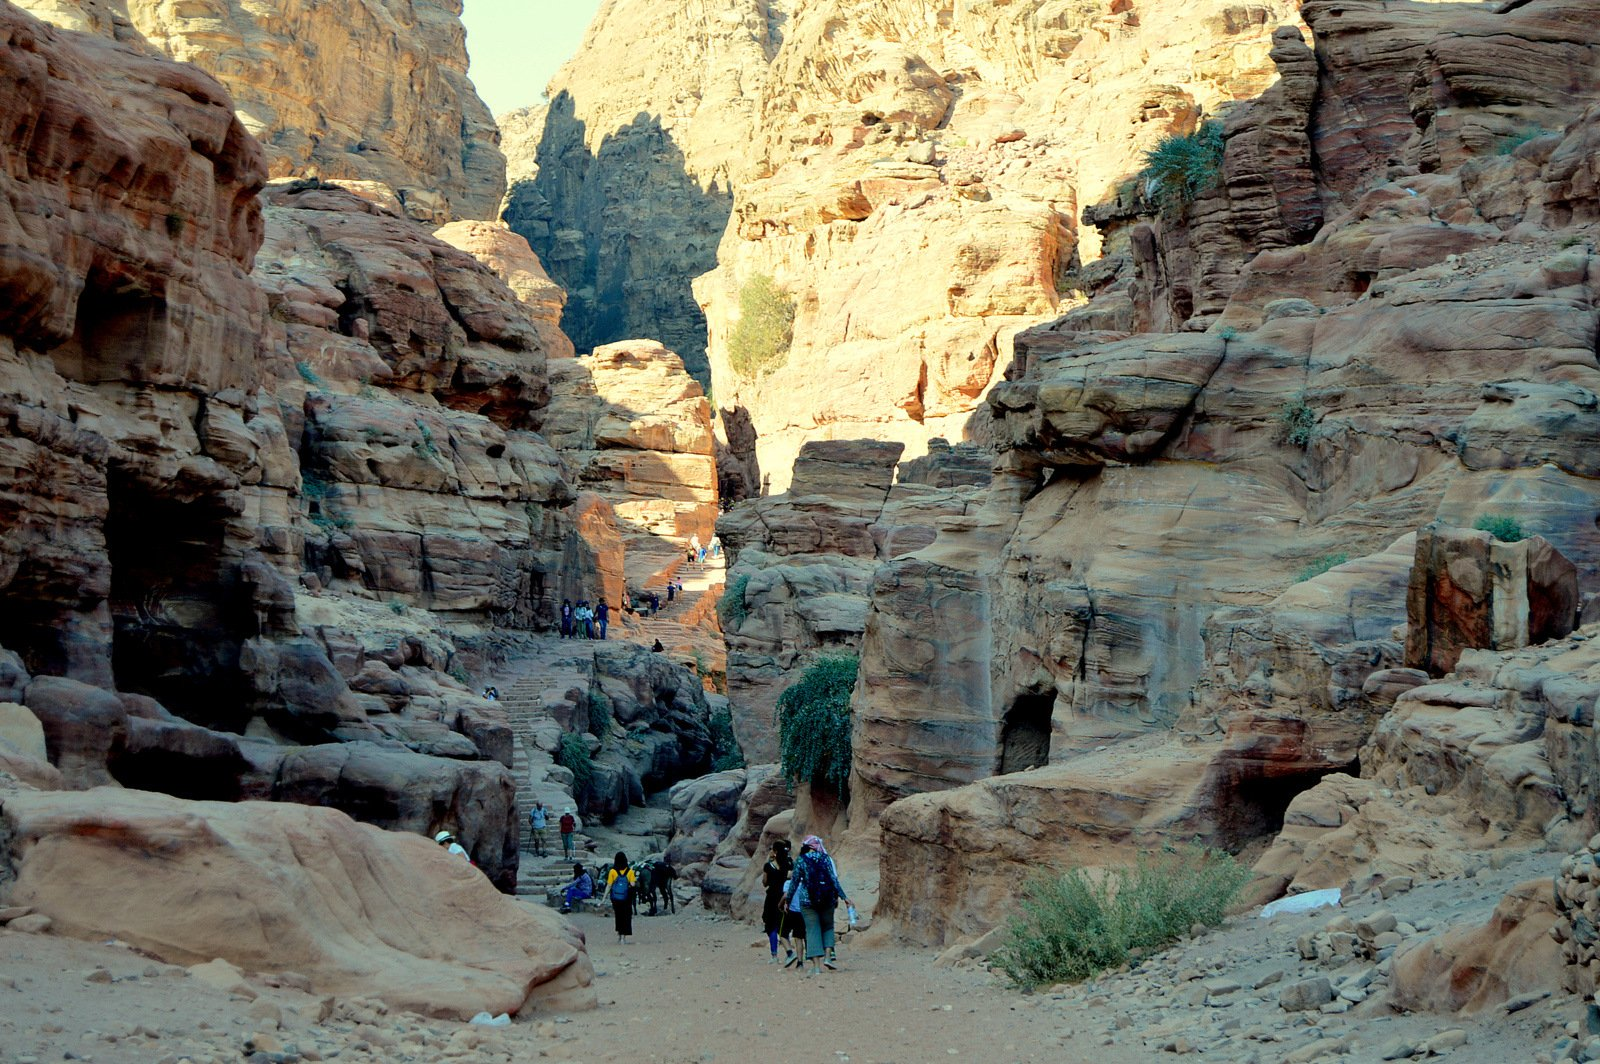 О моем увлекательном туре с 26 сентября 2019 года «11R Два берега реки Иордан», ч.2